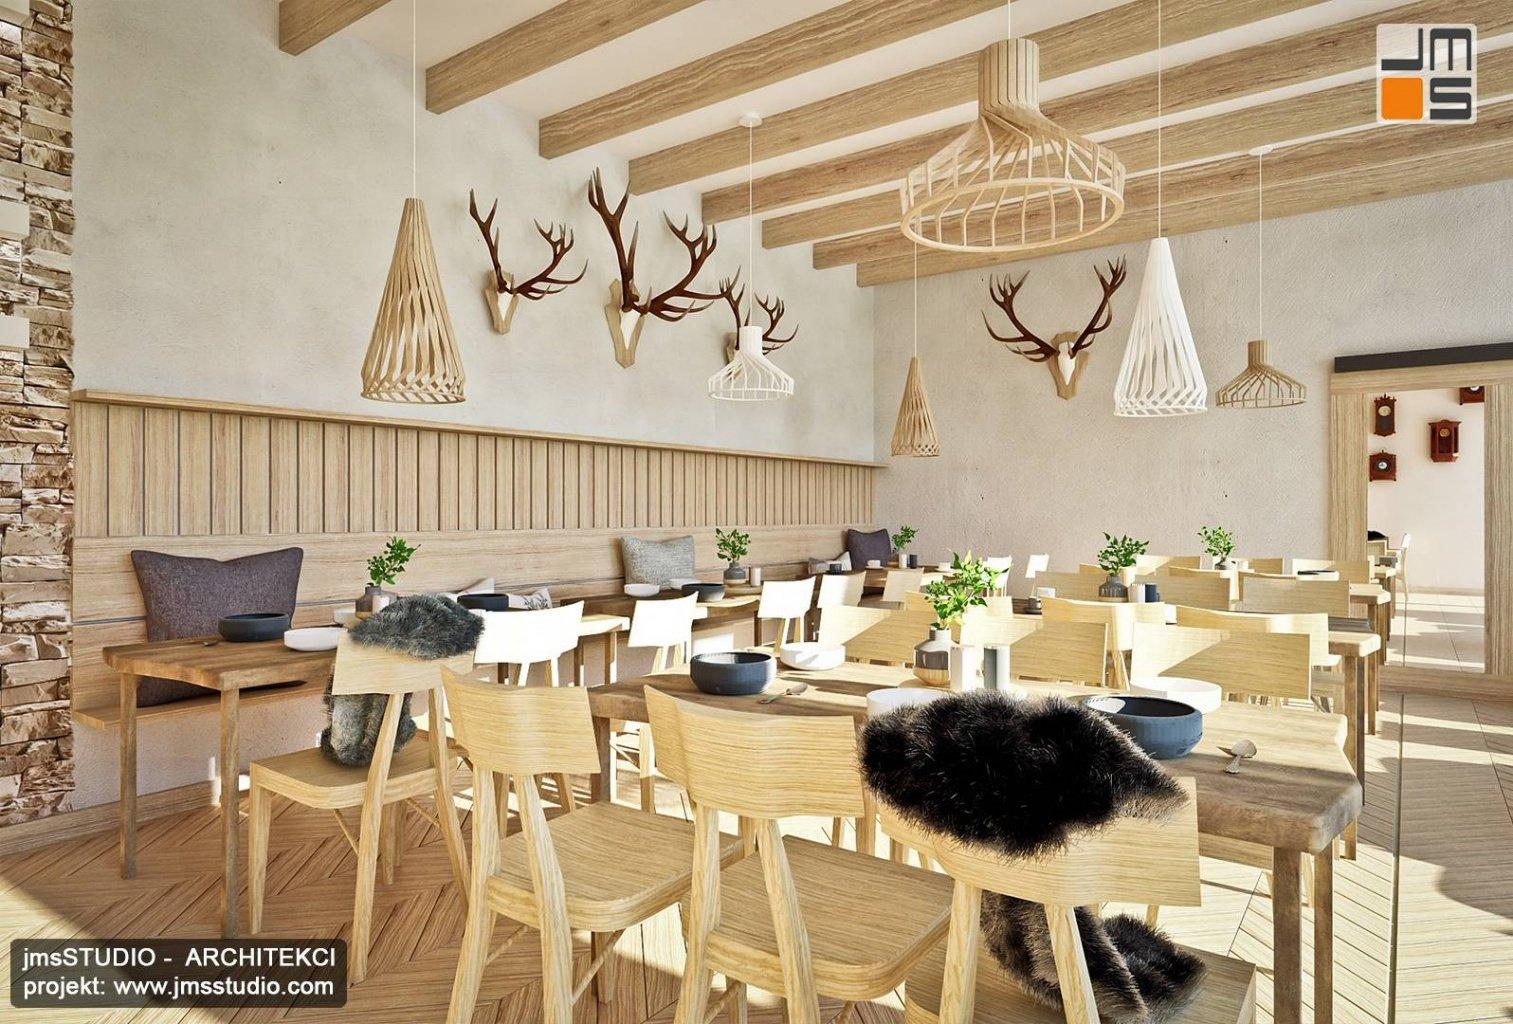 proste drewniane meble dekoracyjne drewniane lampy i kamień łupek to projekt wnętrz restauracji w Pieninach